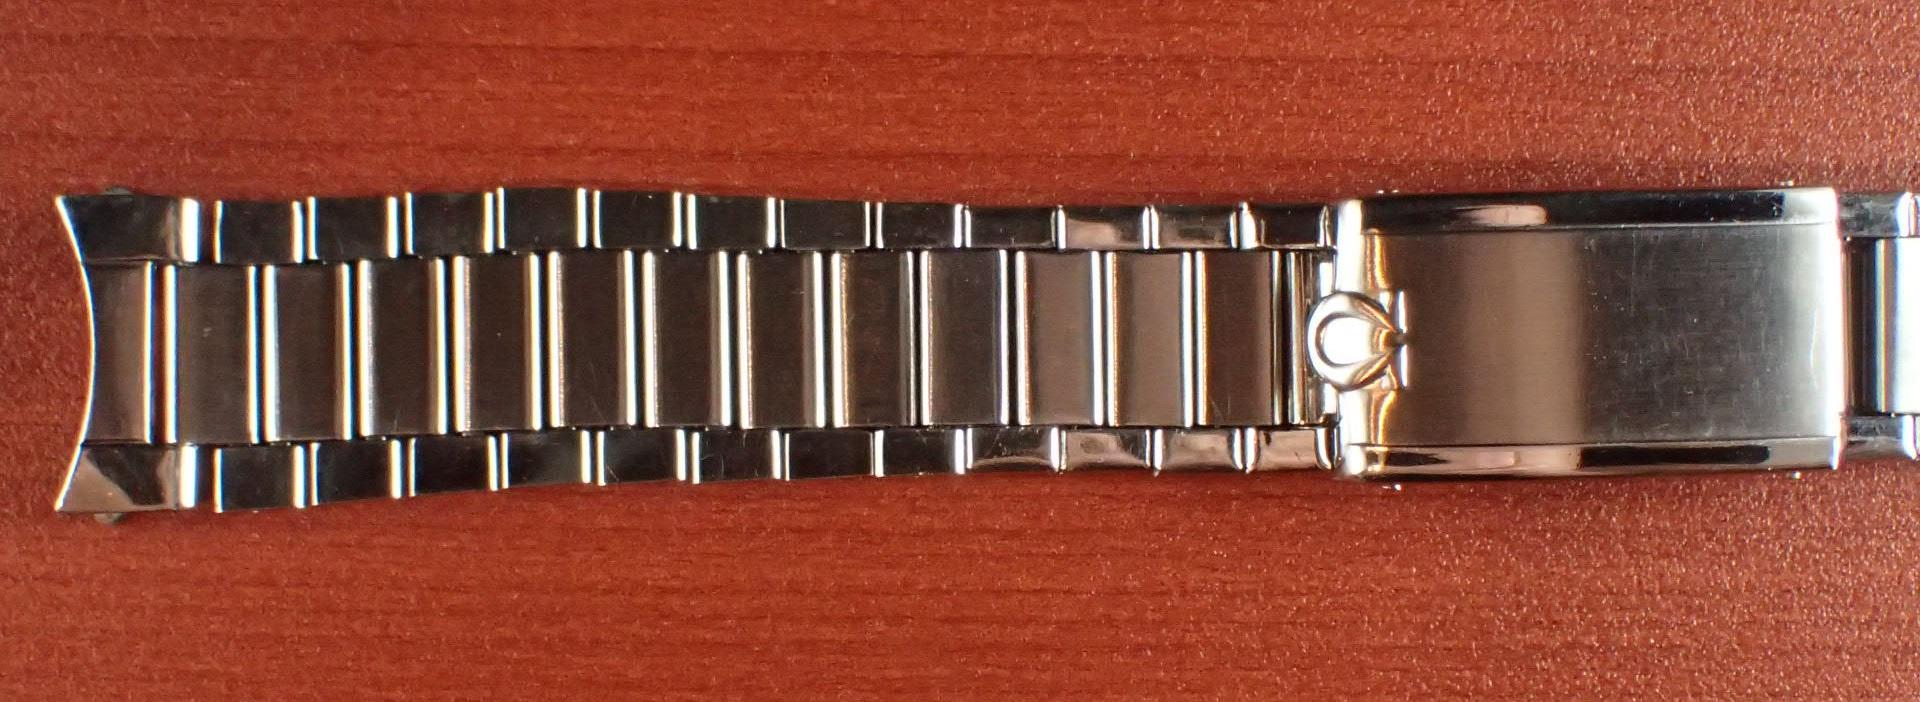 オメガ キャタピラブレス 18mm Ref:7912 1961年製